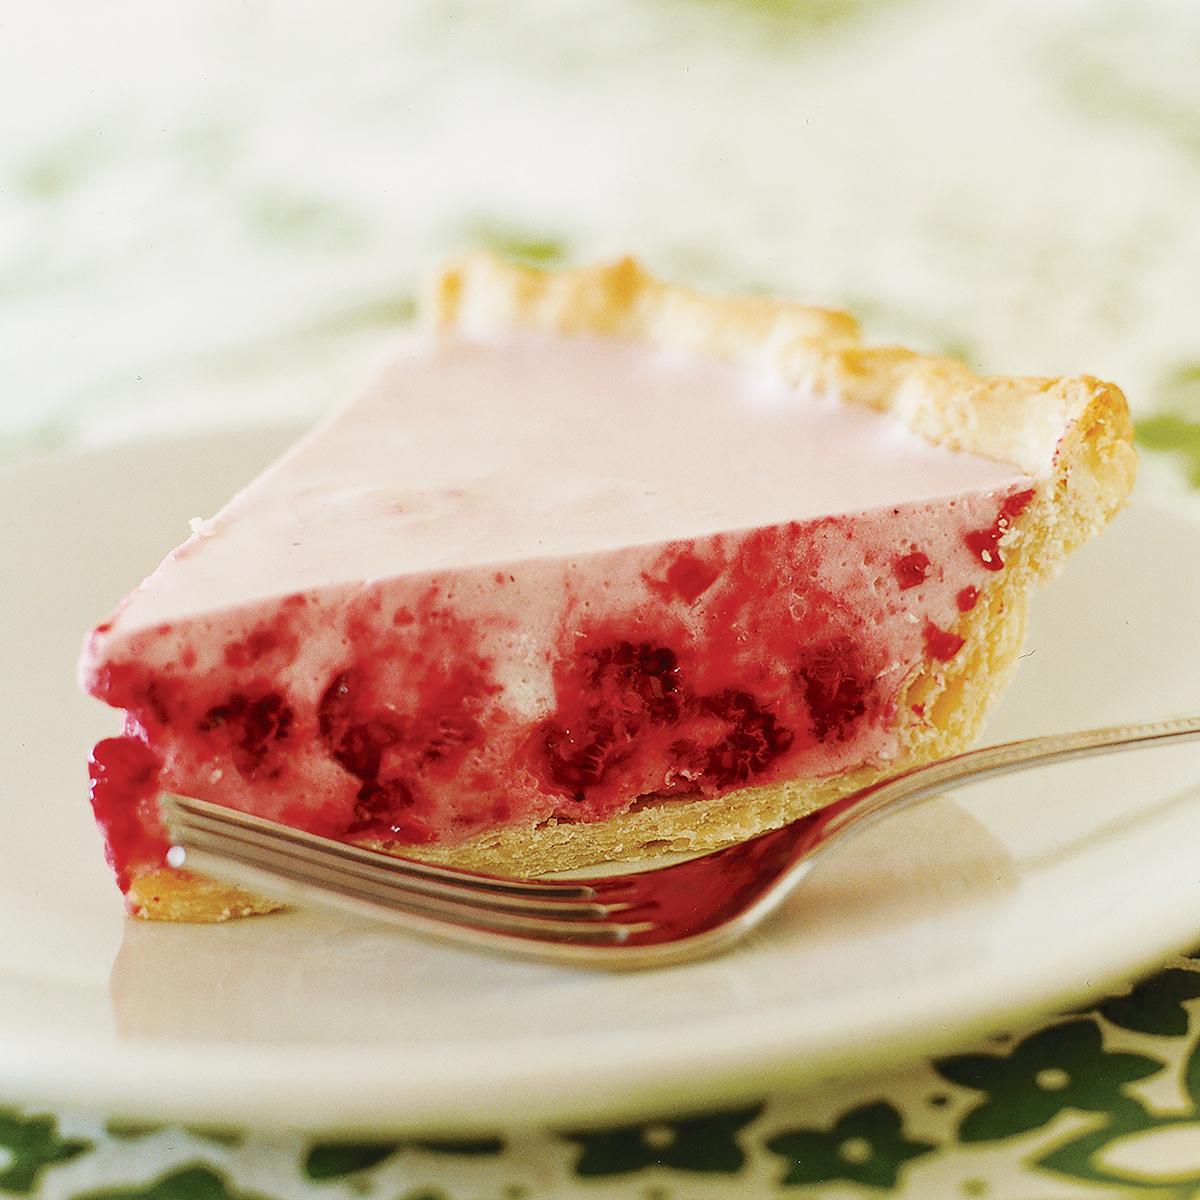 Chilled Raspberry Cream Pie